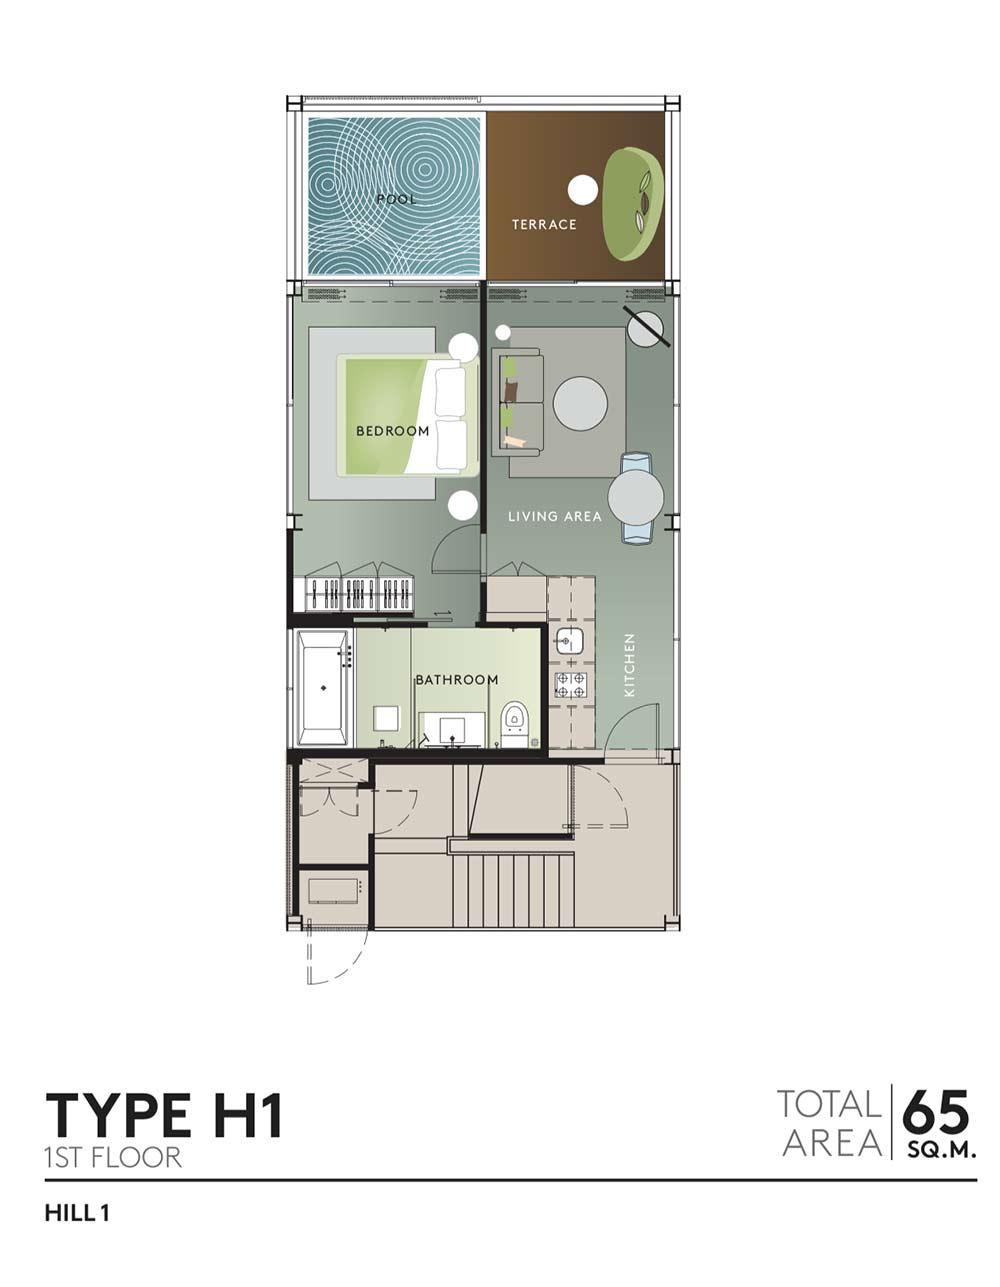 Type H1